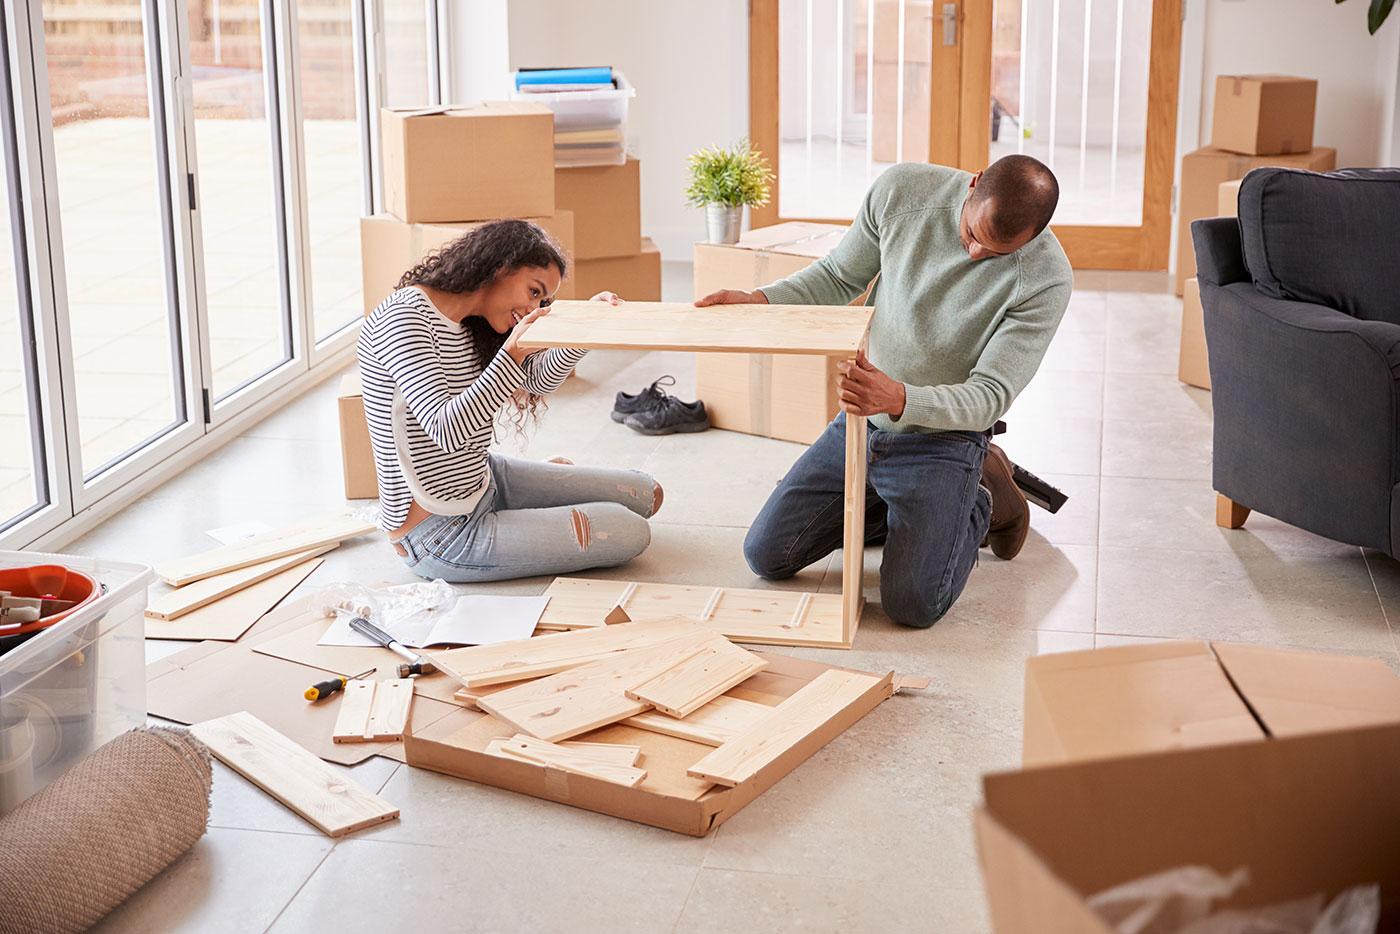 Ventajas de alquilar tu piso amueblado o sin amueblar